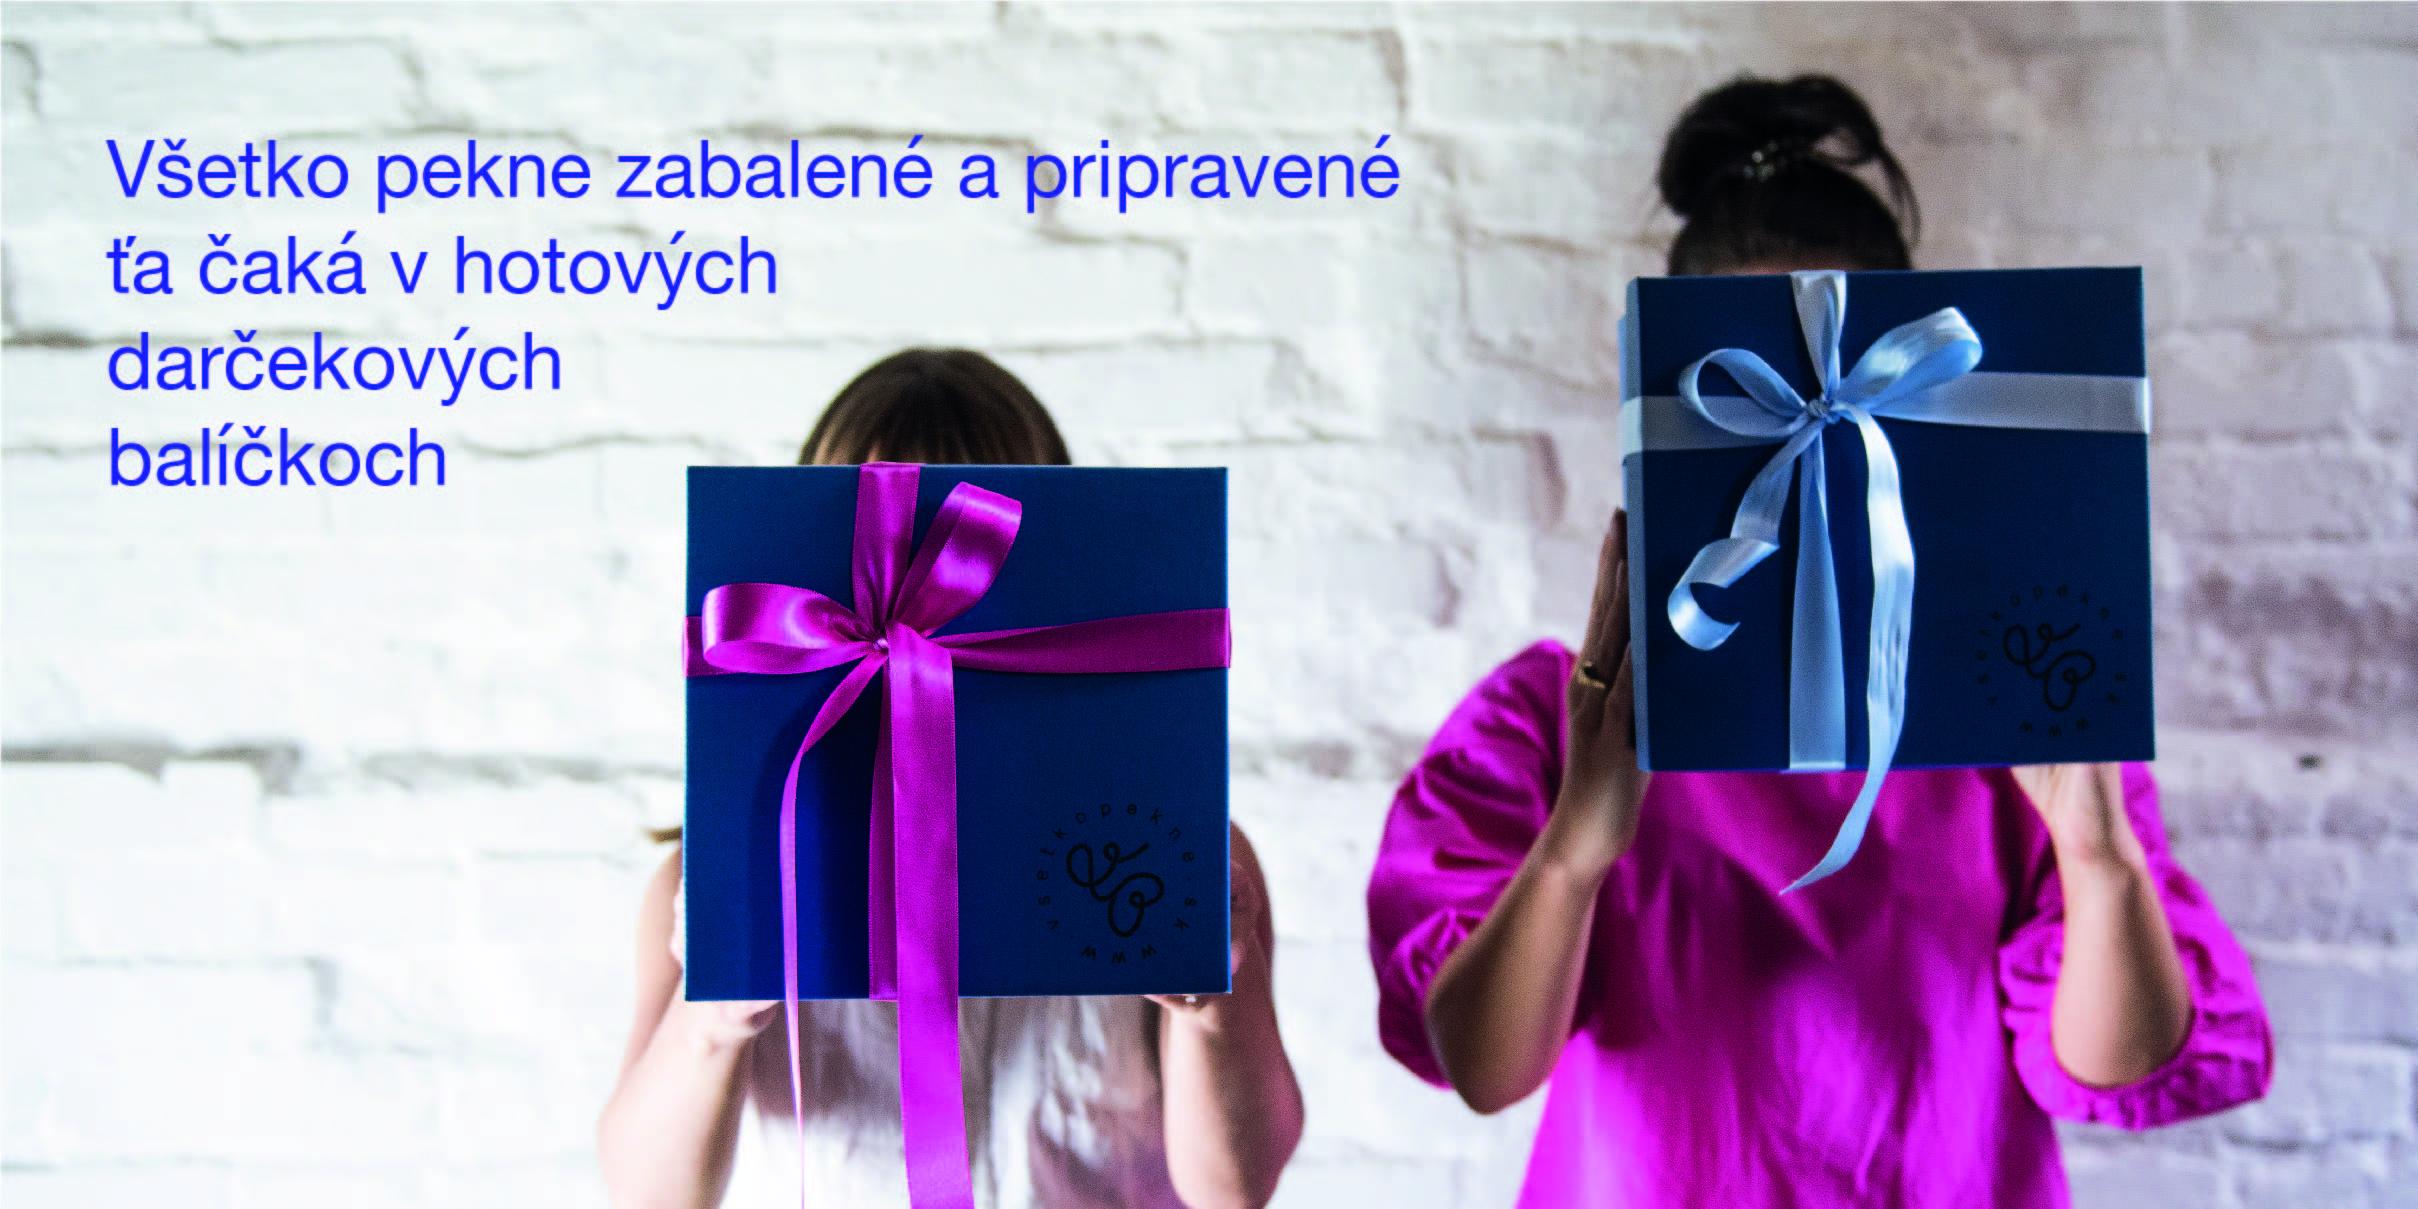 darčekové balíčky Všetko pekne sú pripravené, stačí kliknúť a objednať!